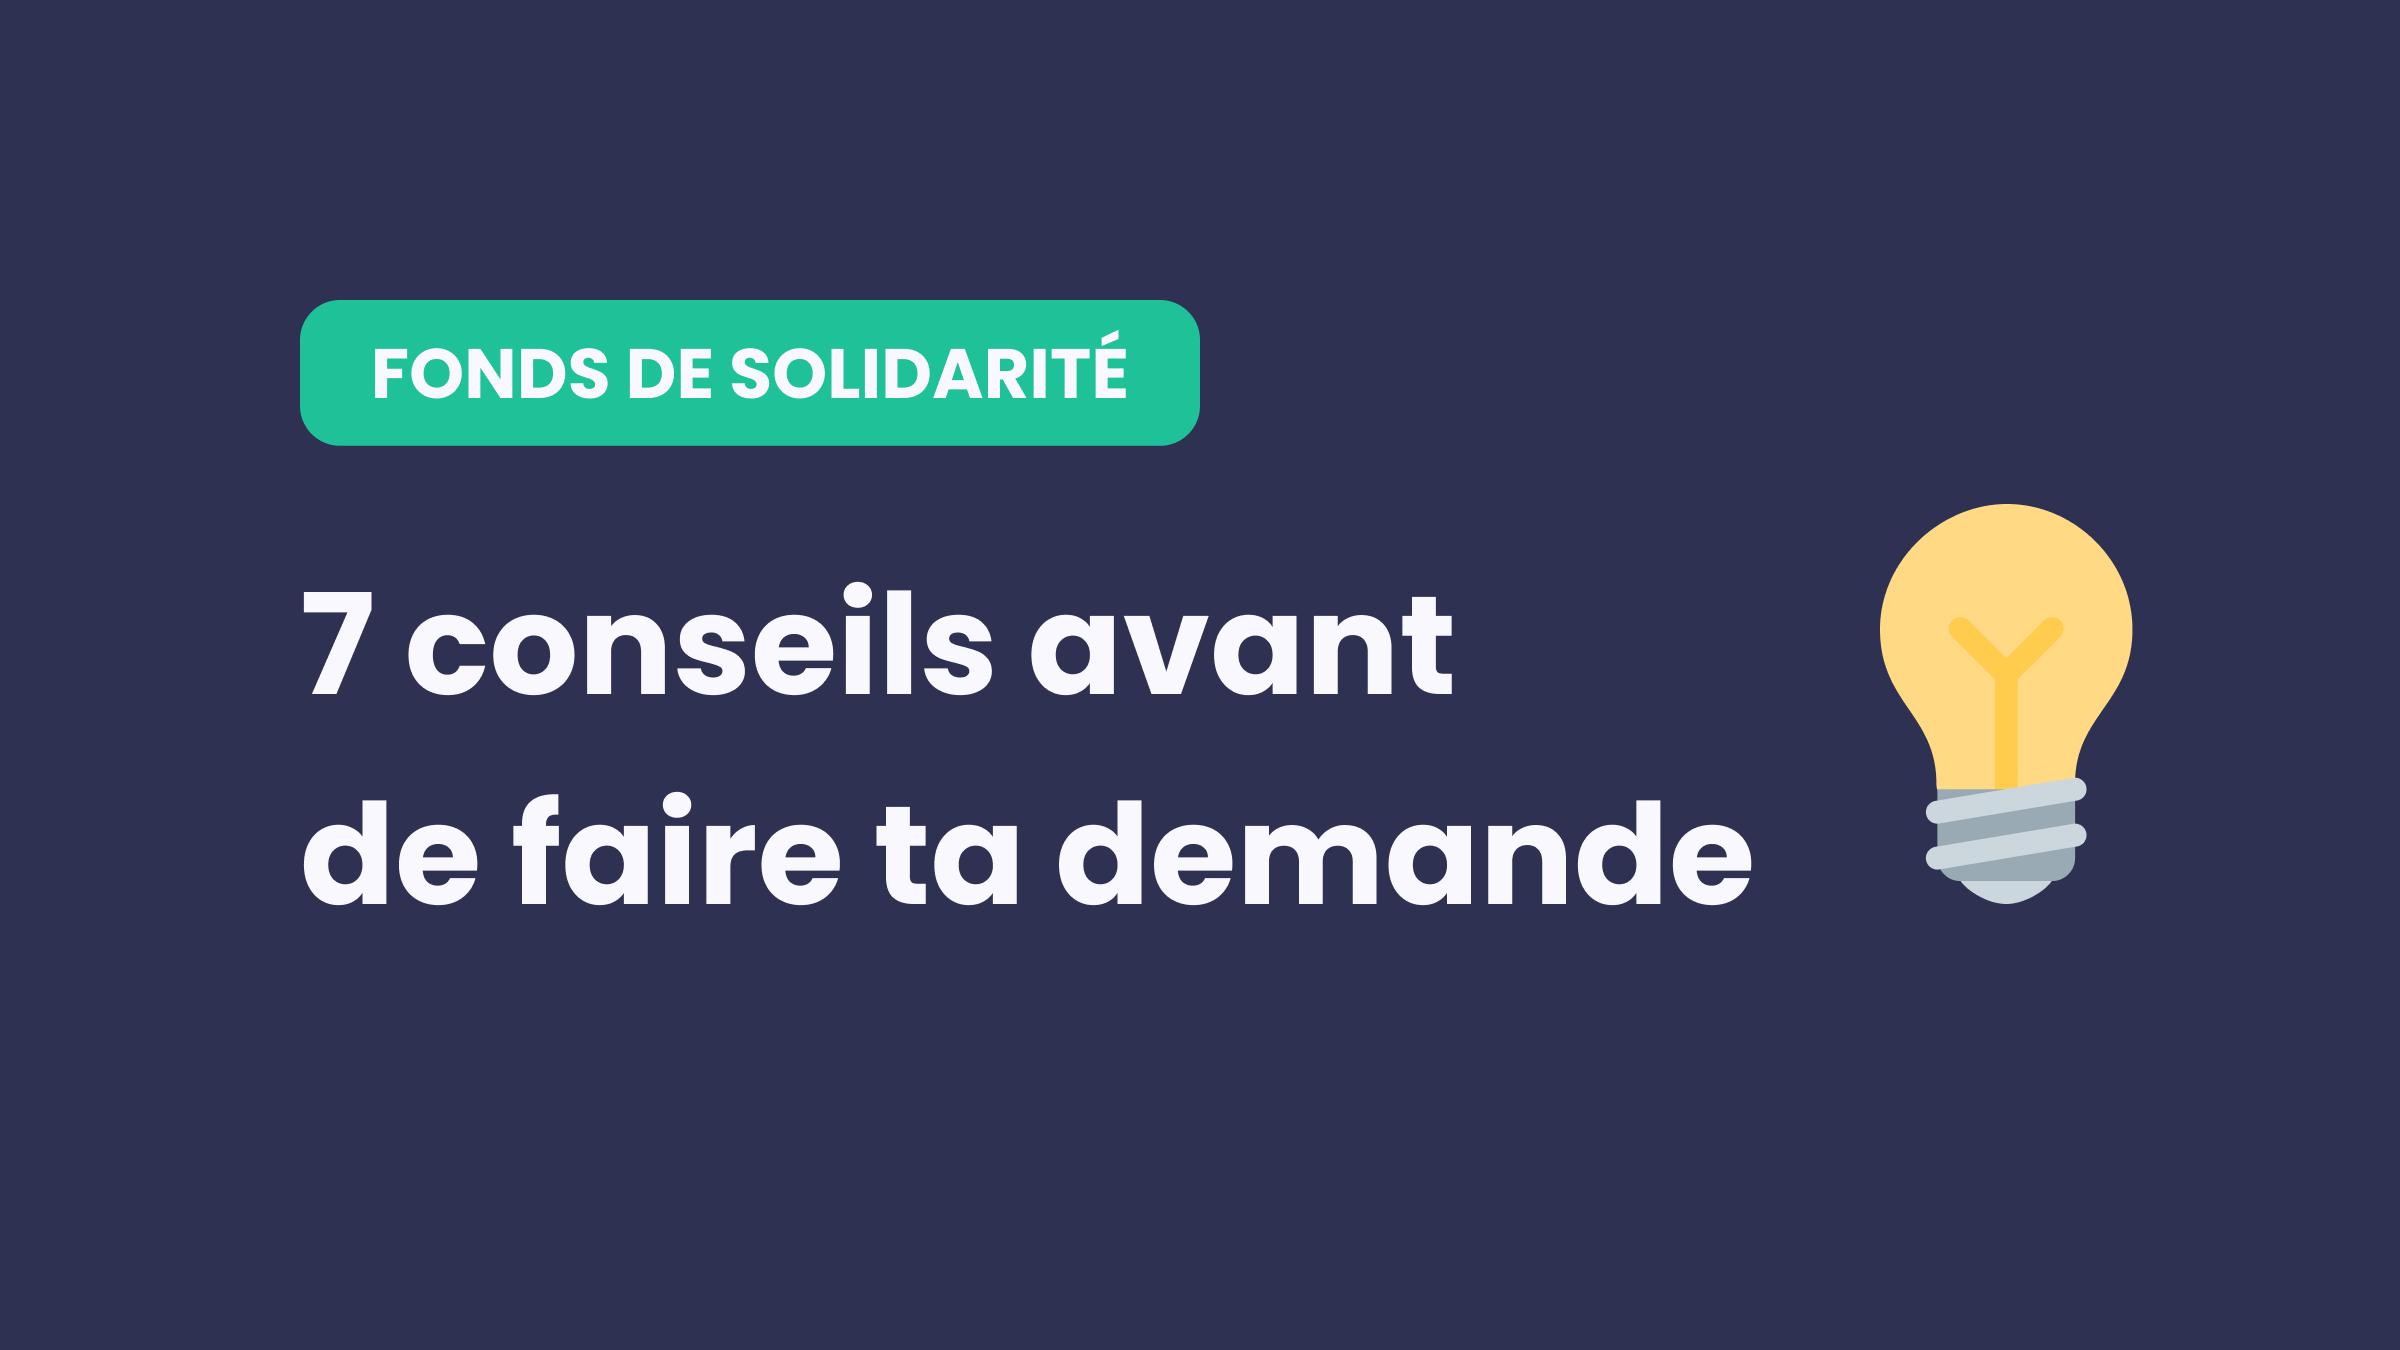 Fonds de solidarité : mes conseils avant de faire ta demande